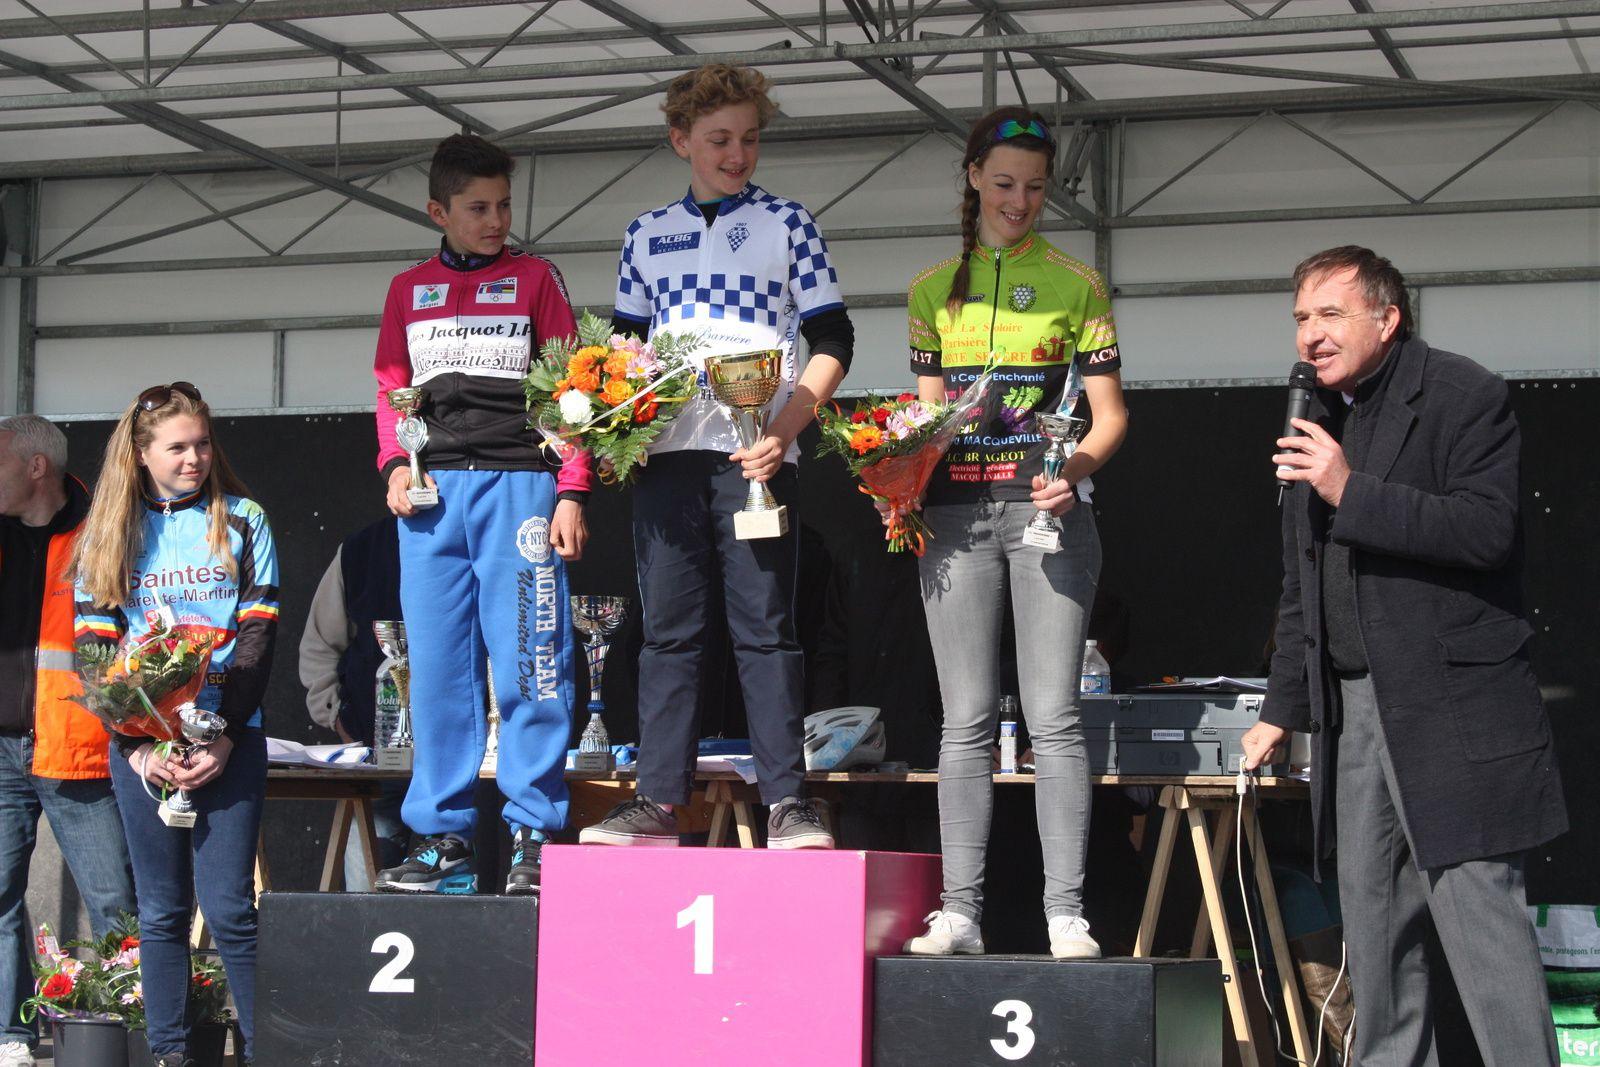 Le  podium  avec  Alexandre  DURAND , neveu  du  consultant  d'eurosport, Kévin  MONLEZUN  1er  année  et  les  2  filles  Gwendoline  POUVREAULT  et  Isaline  CHAUVET.